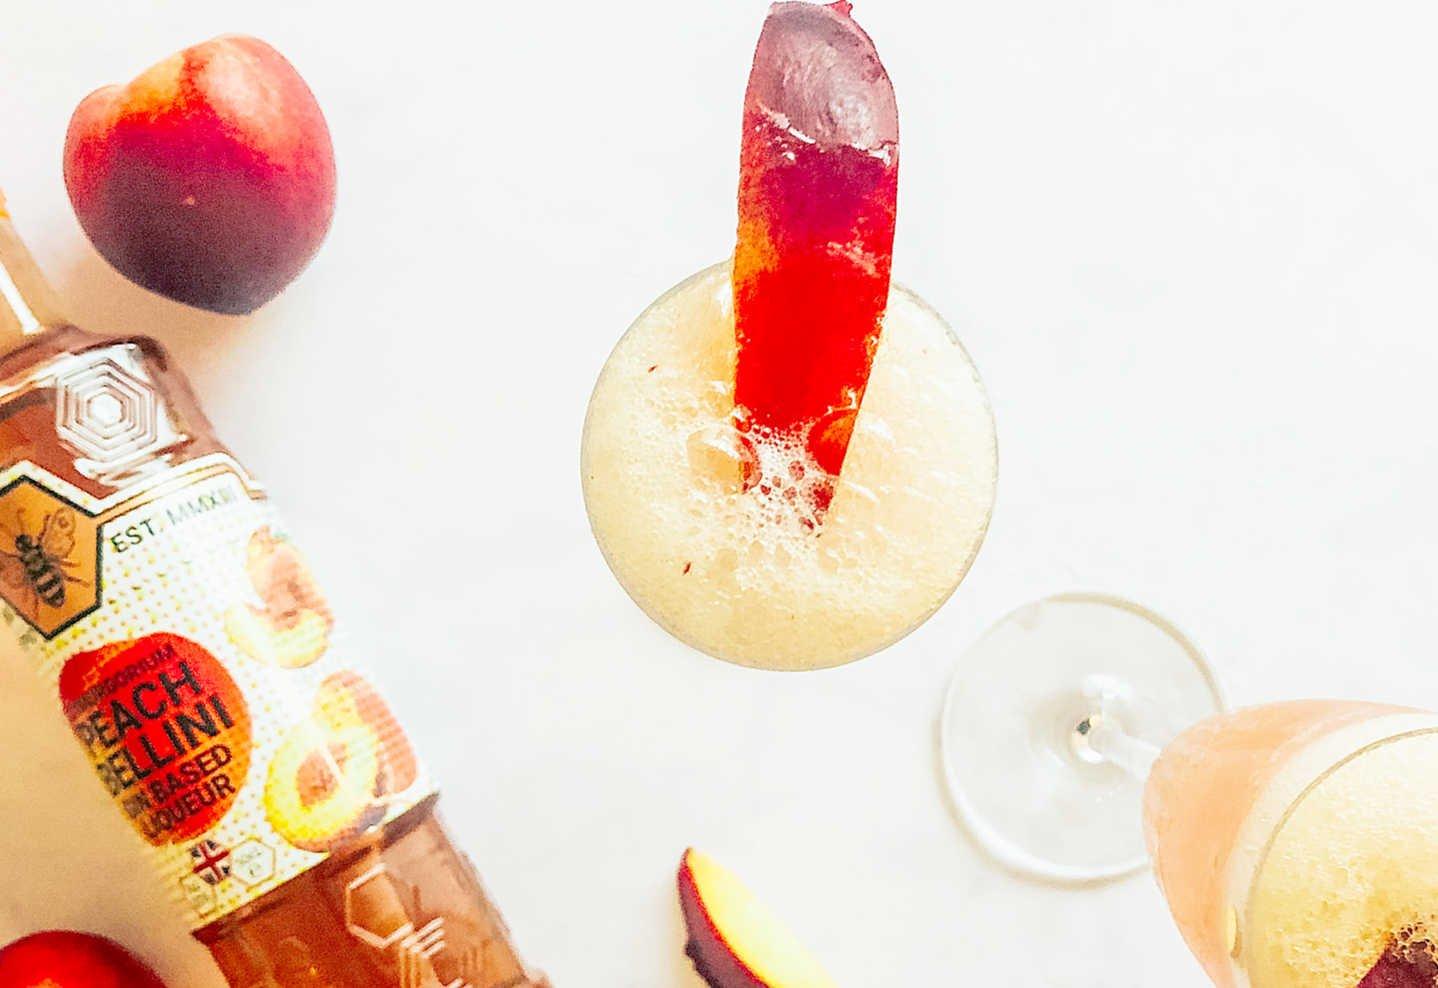 Peach flavoured gin